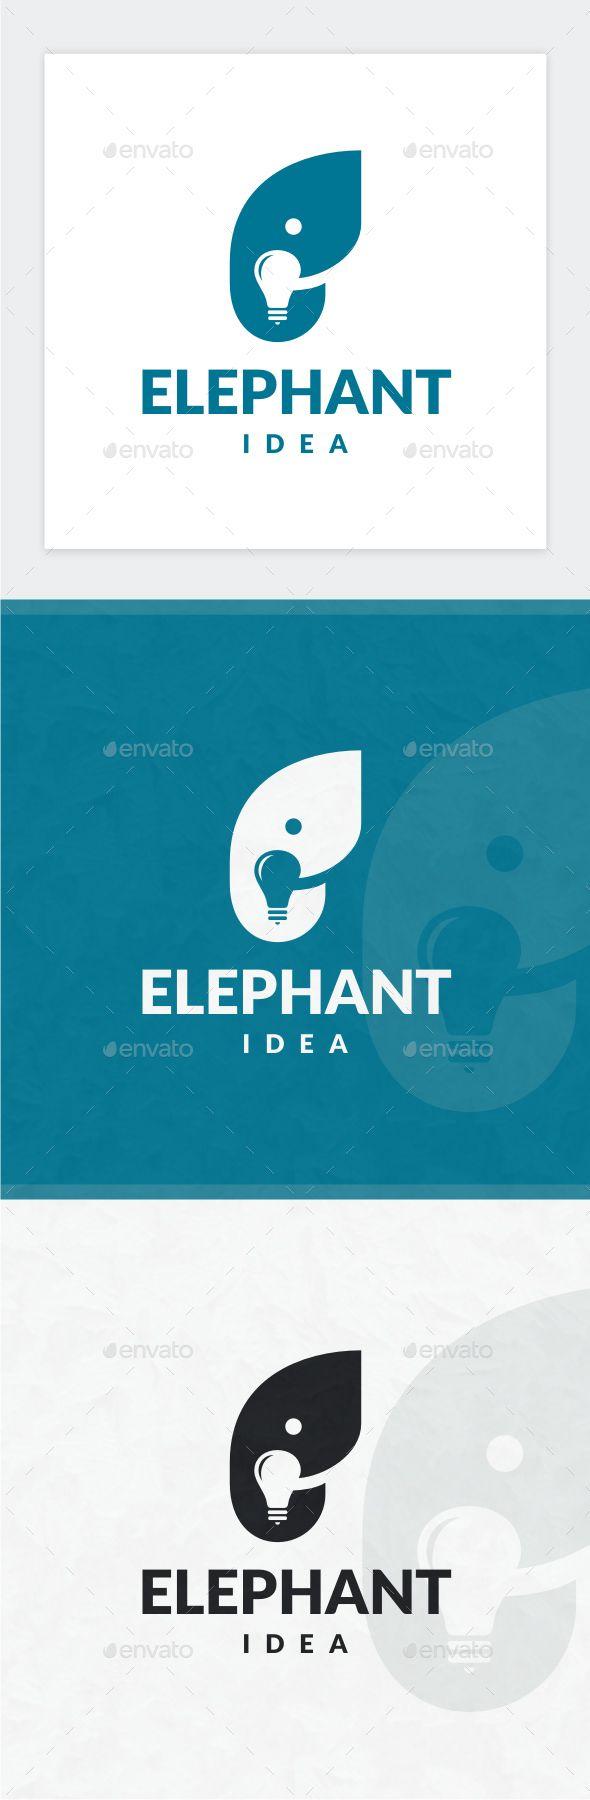 Elephant Idea Logo